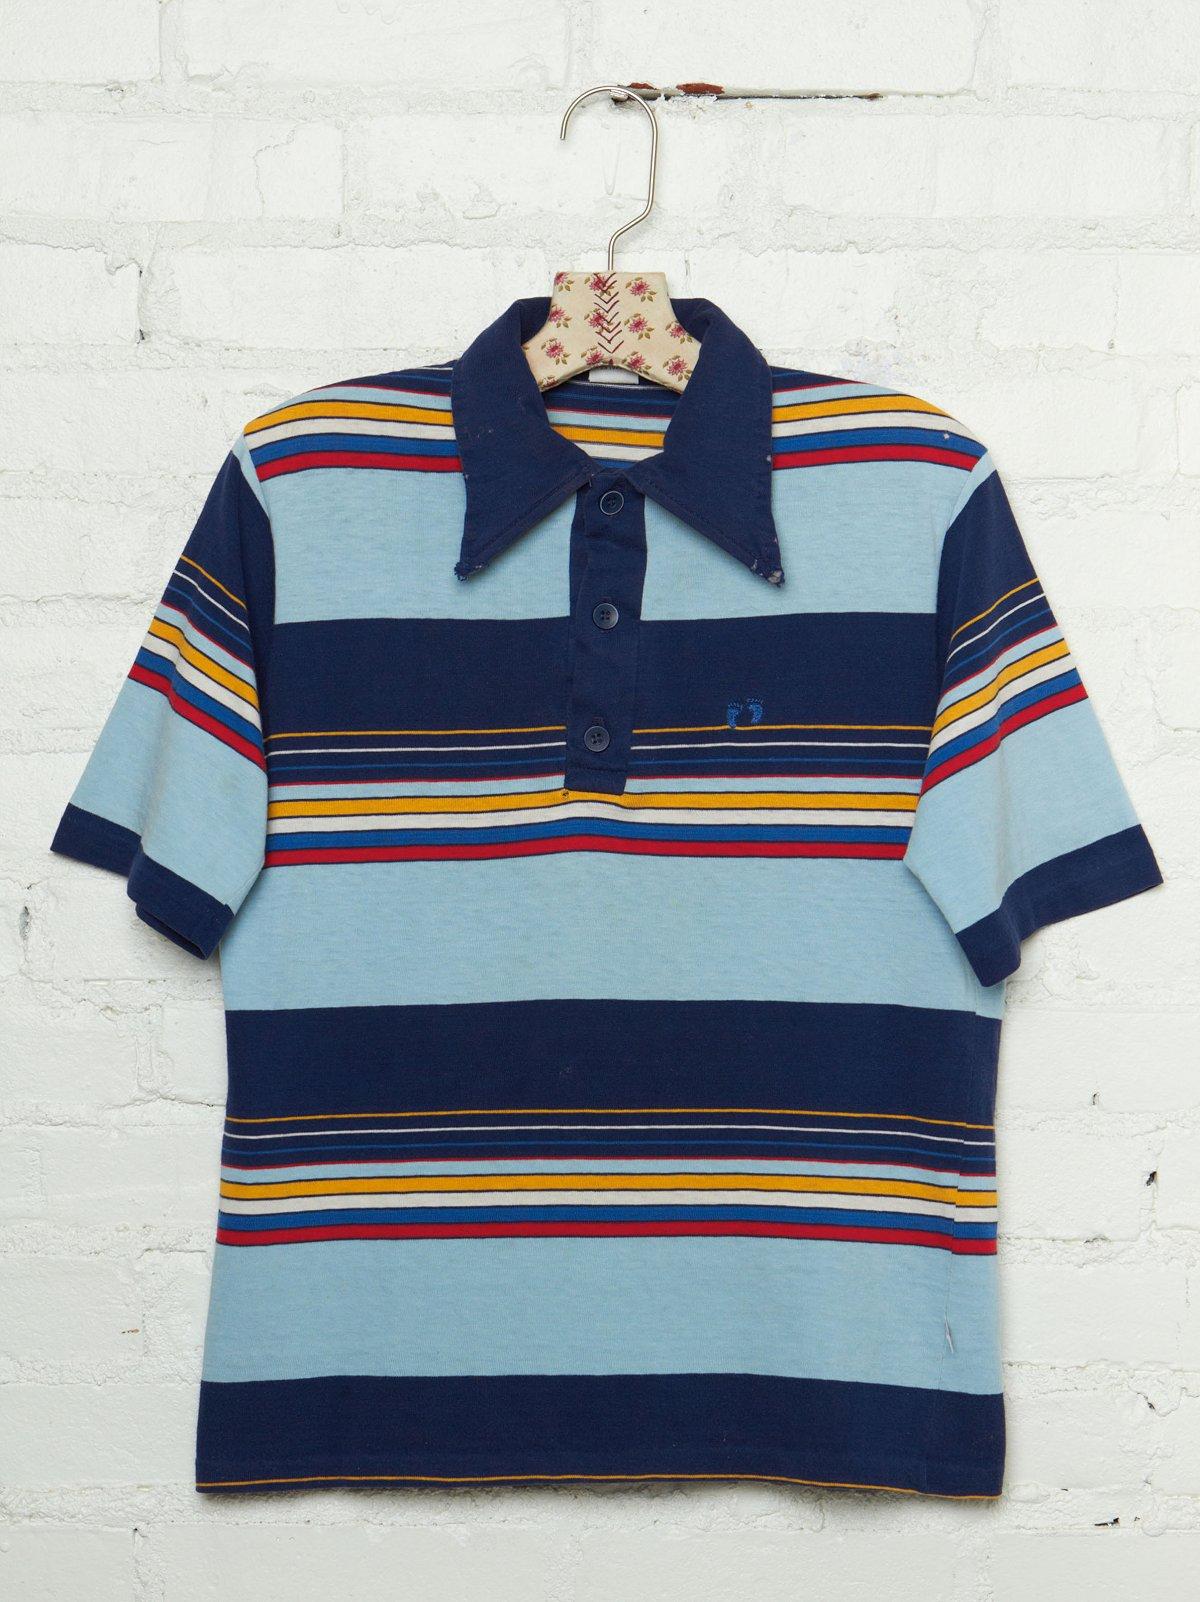 Vintage 1970s Hang Ten Striped Polo Shirt